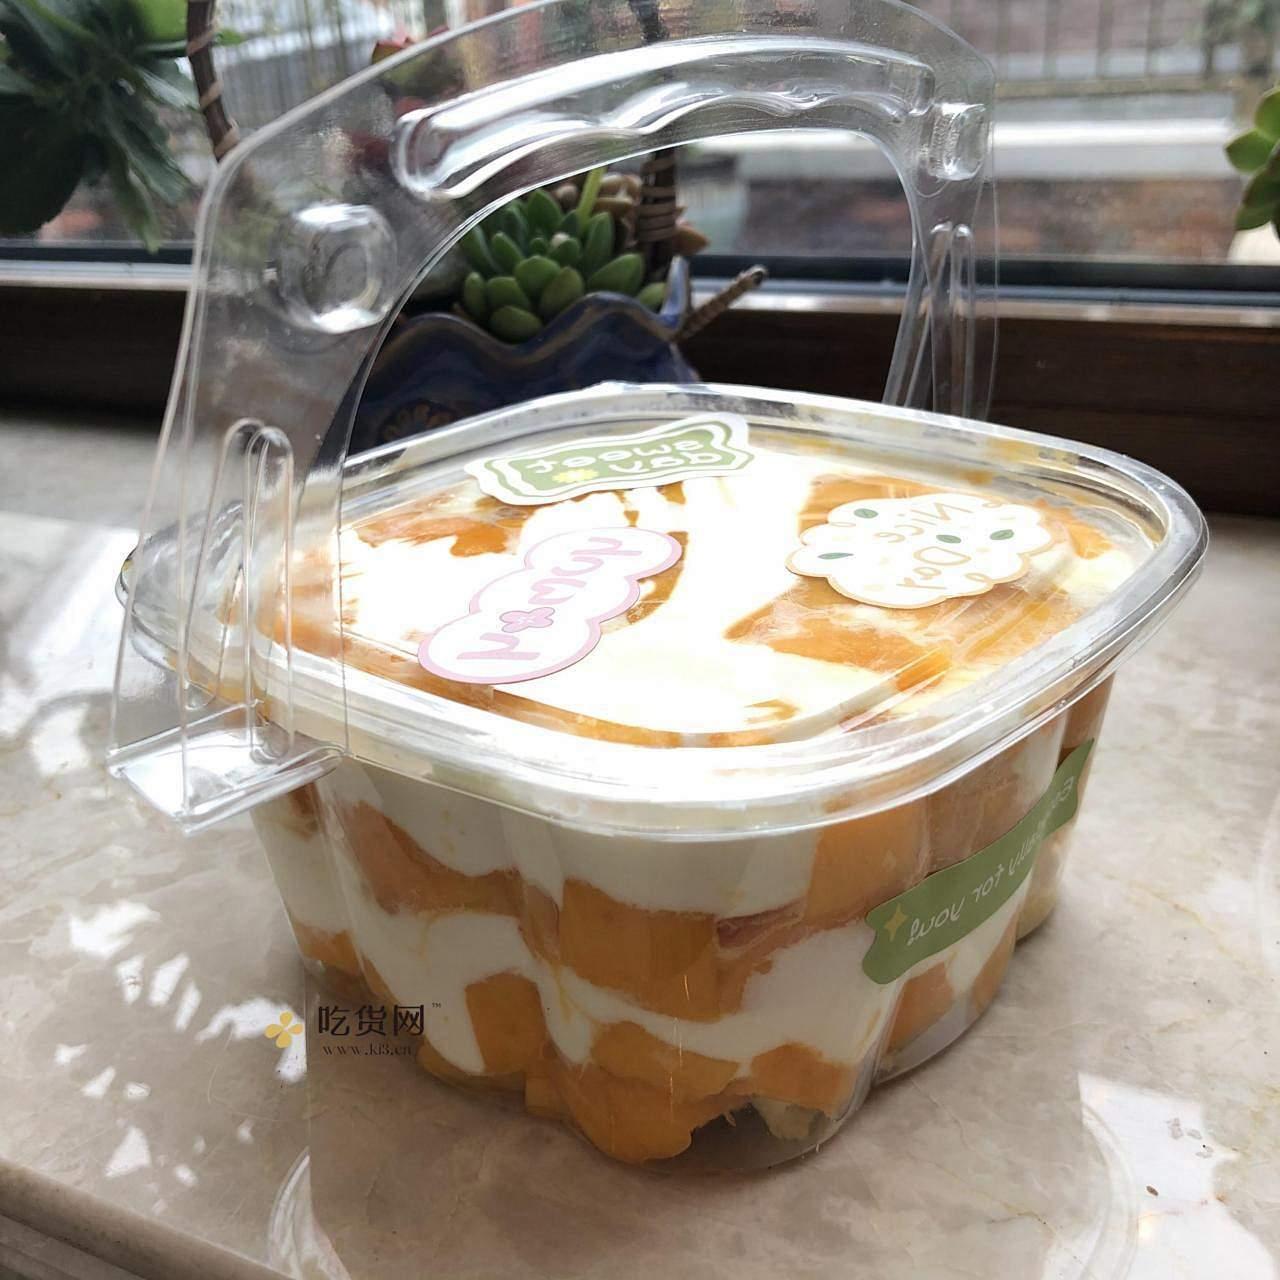 芒果草莓盒子蛋糕🍰超级好吃又好看的做法 步骤6